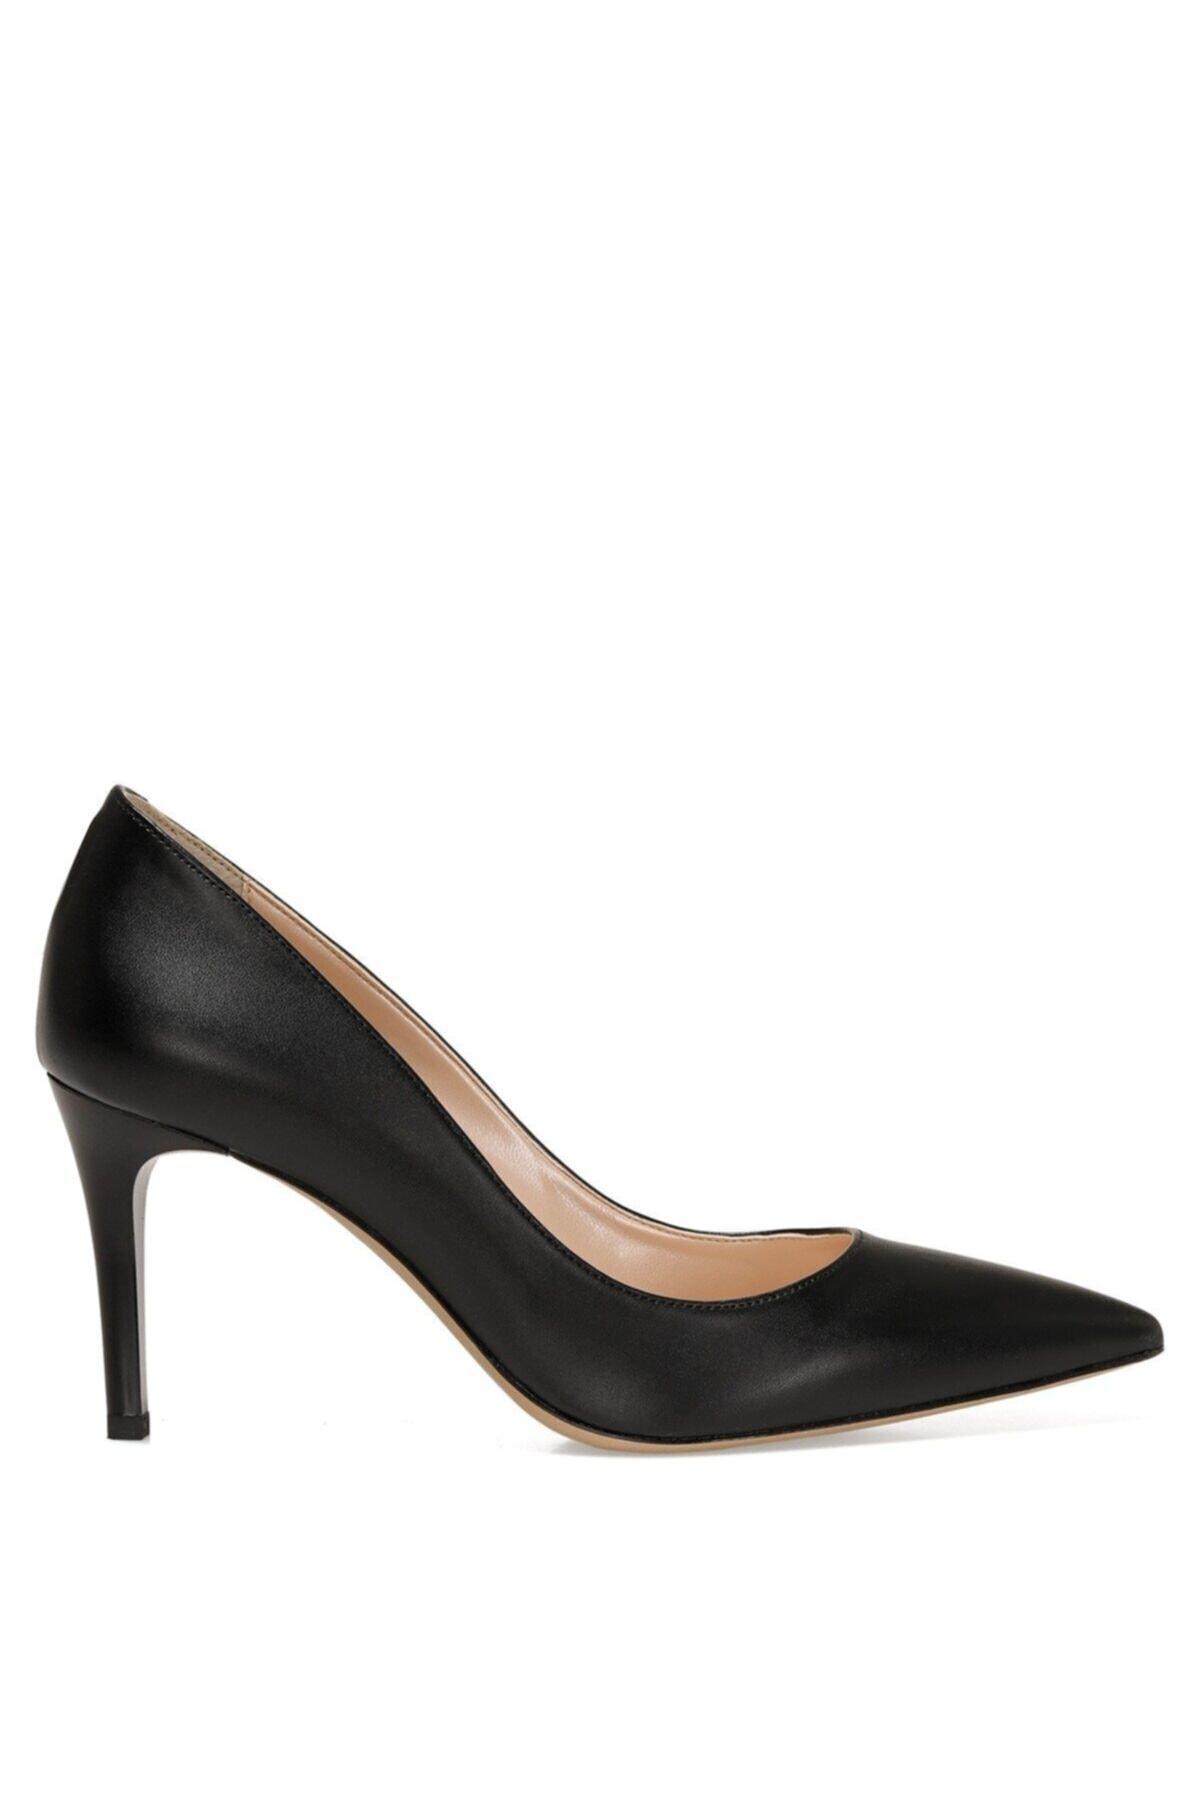 SUNNDAY 1FX Siyah Kadın Gova Ayakkabı 101013013